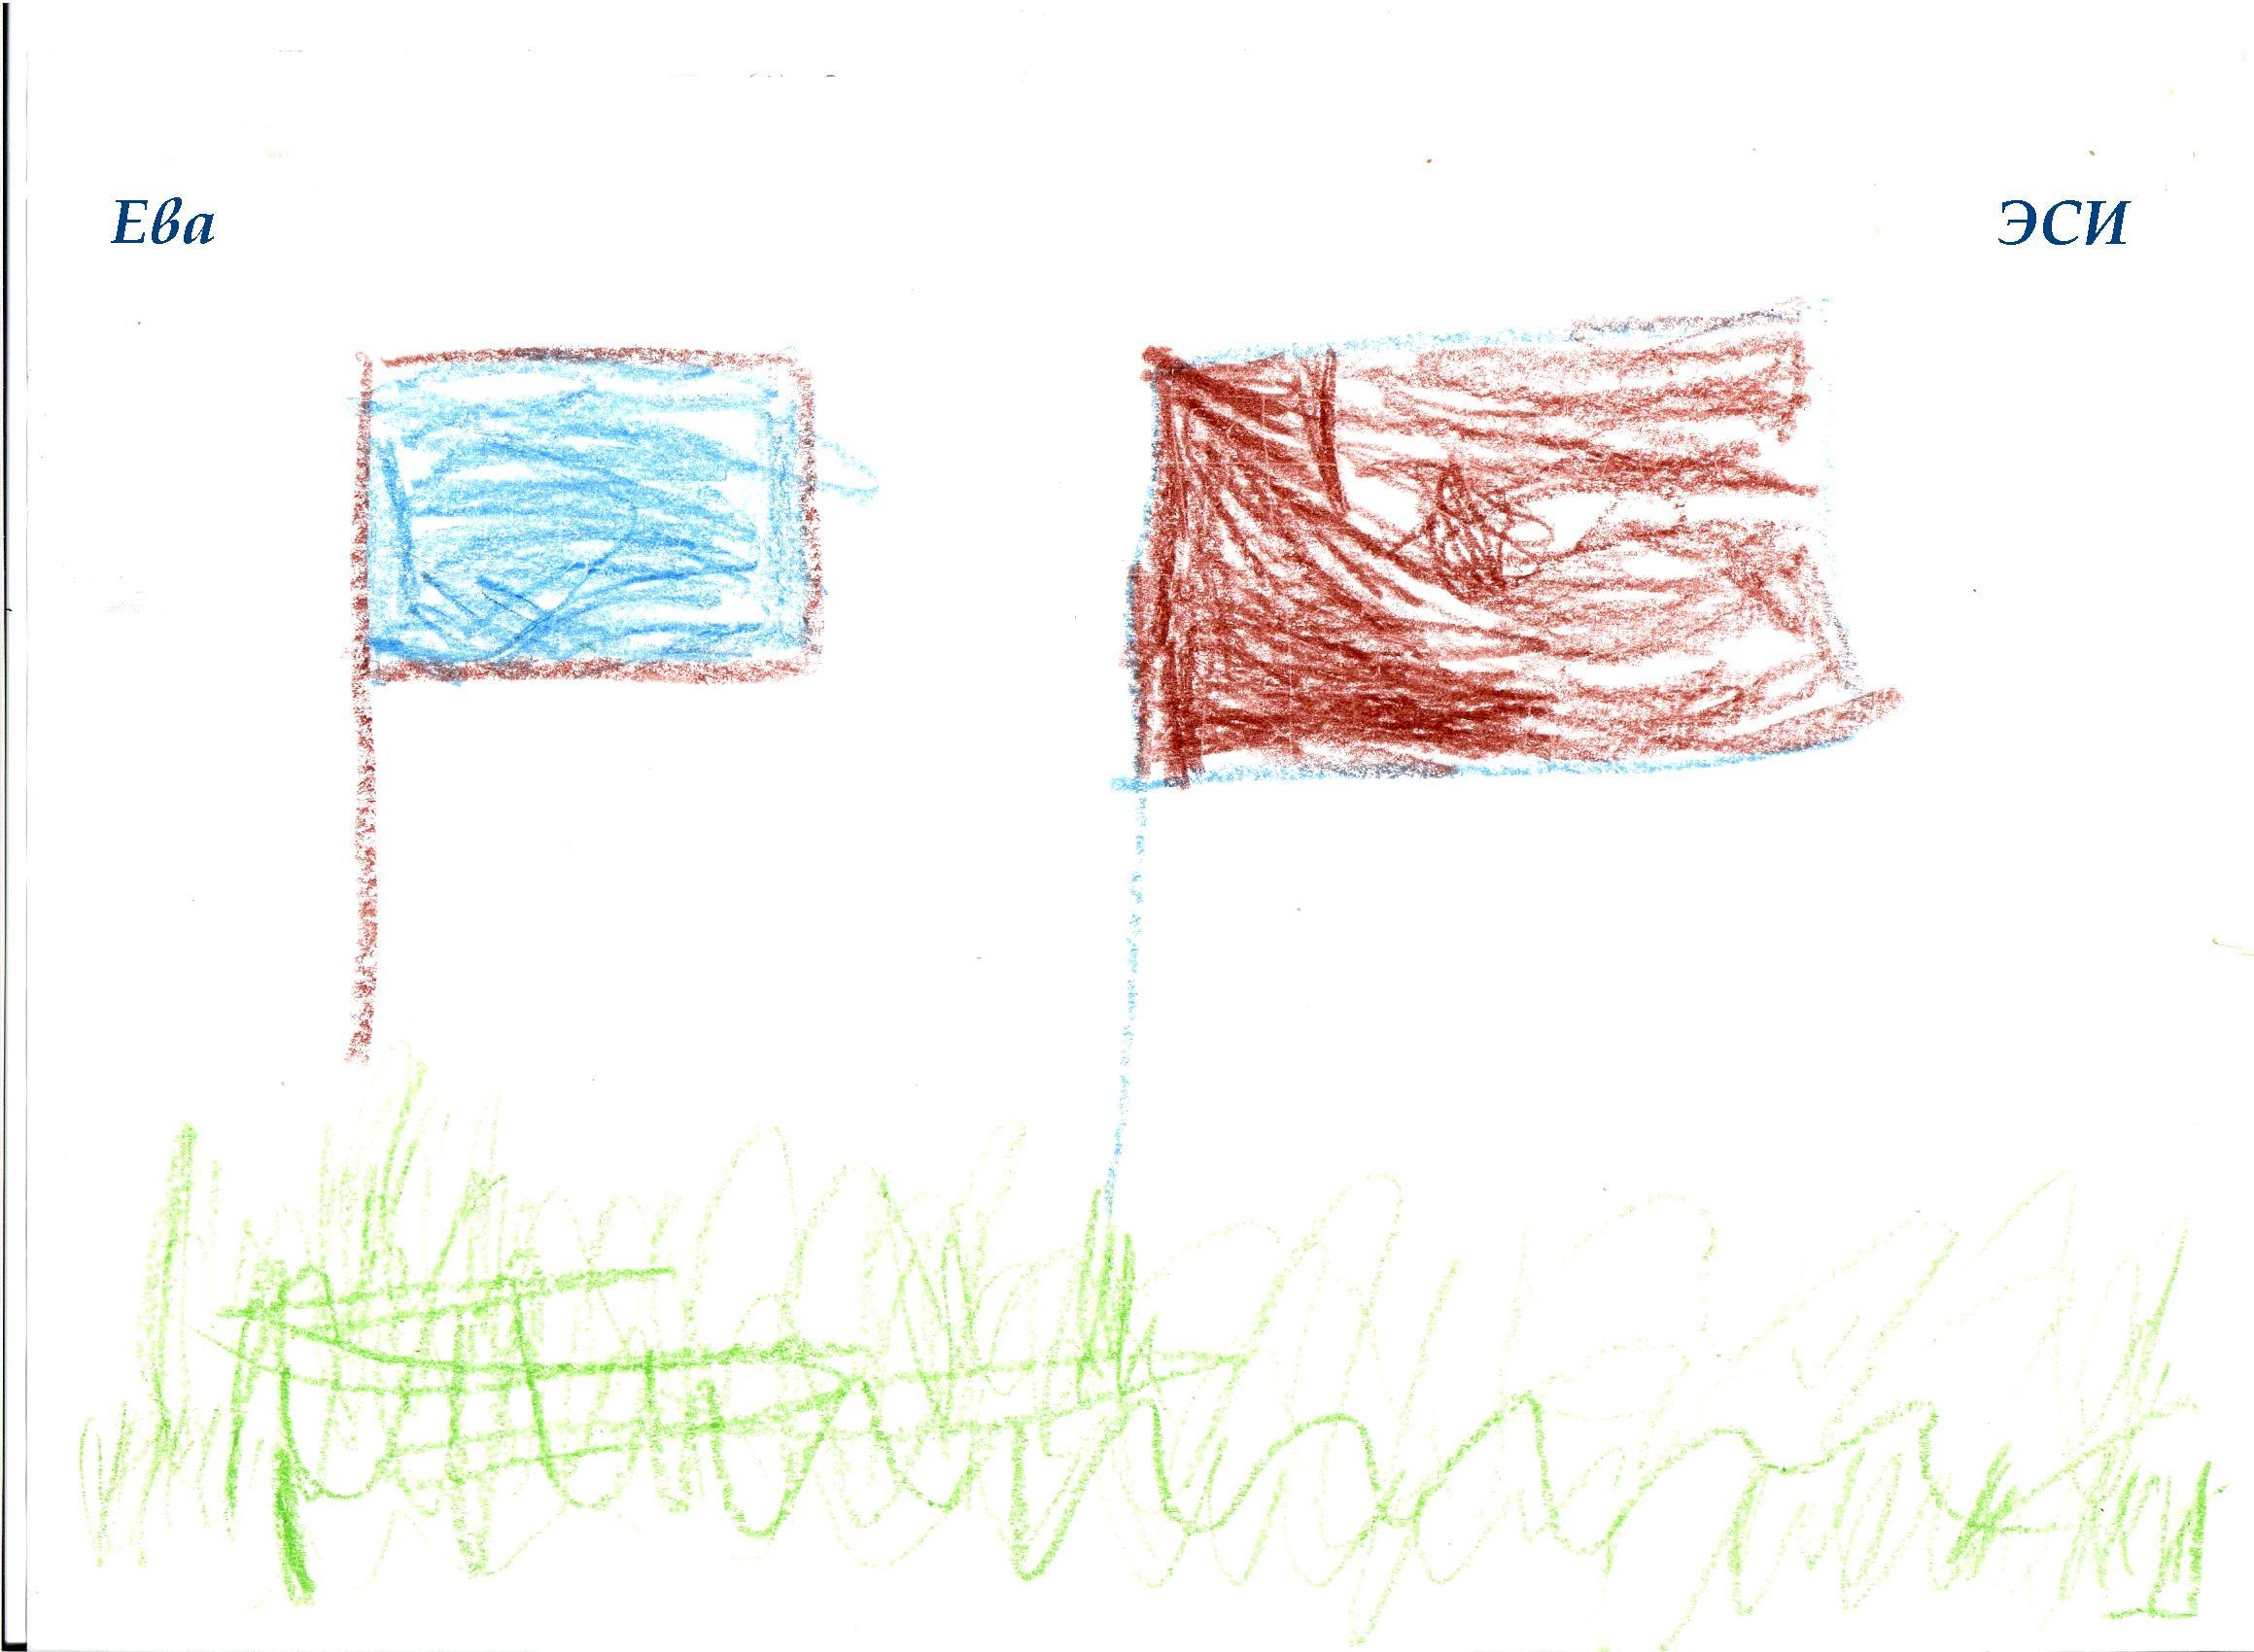 НИИ Соционики. Диагностика детей дошкольного возраста. Рисунок ЭСИ, 3 года